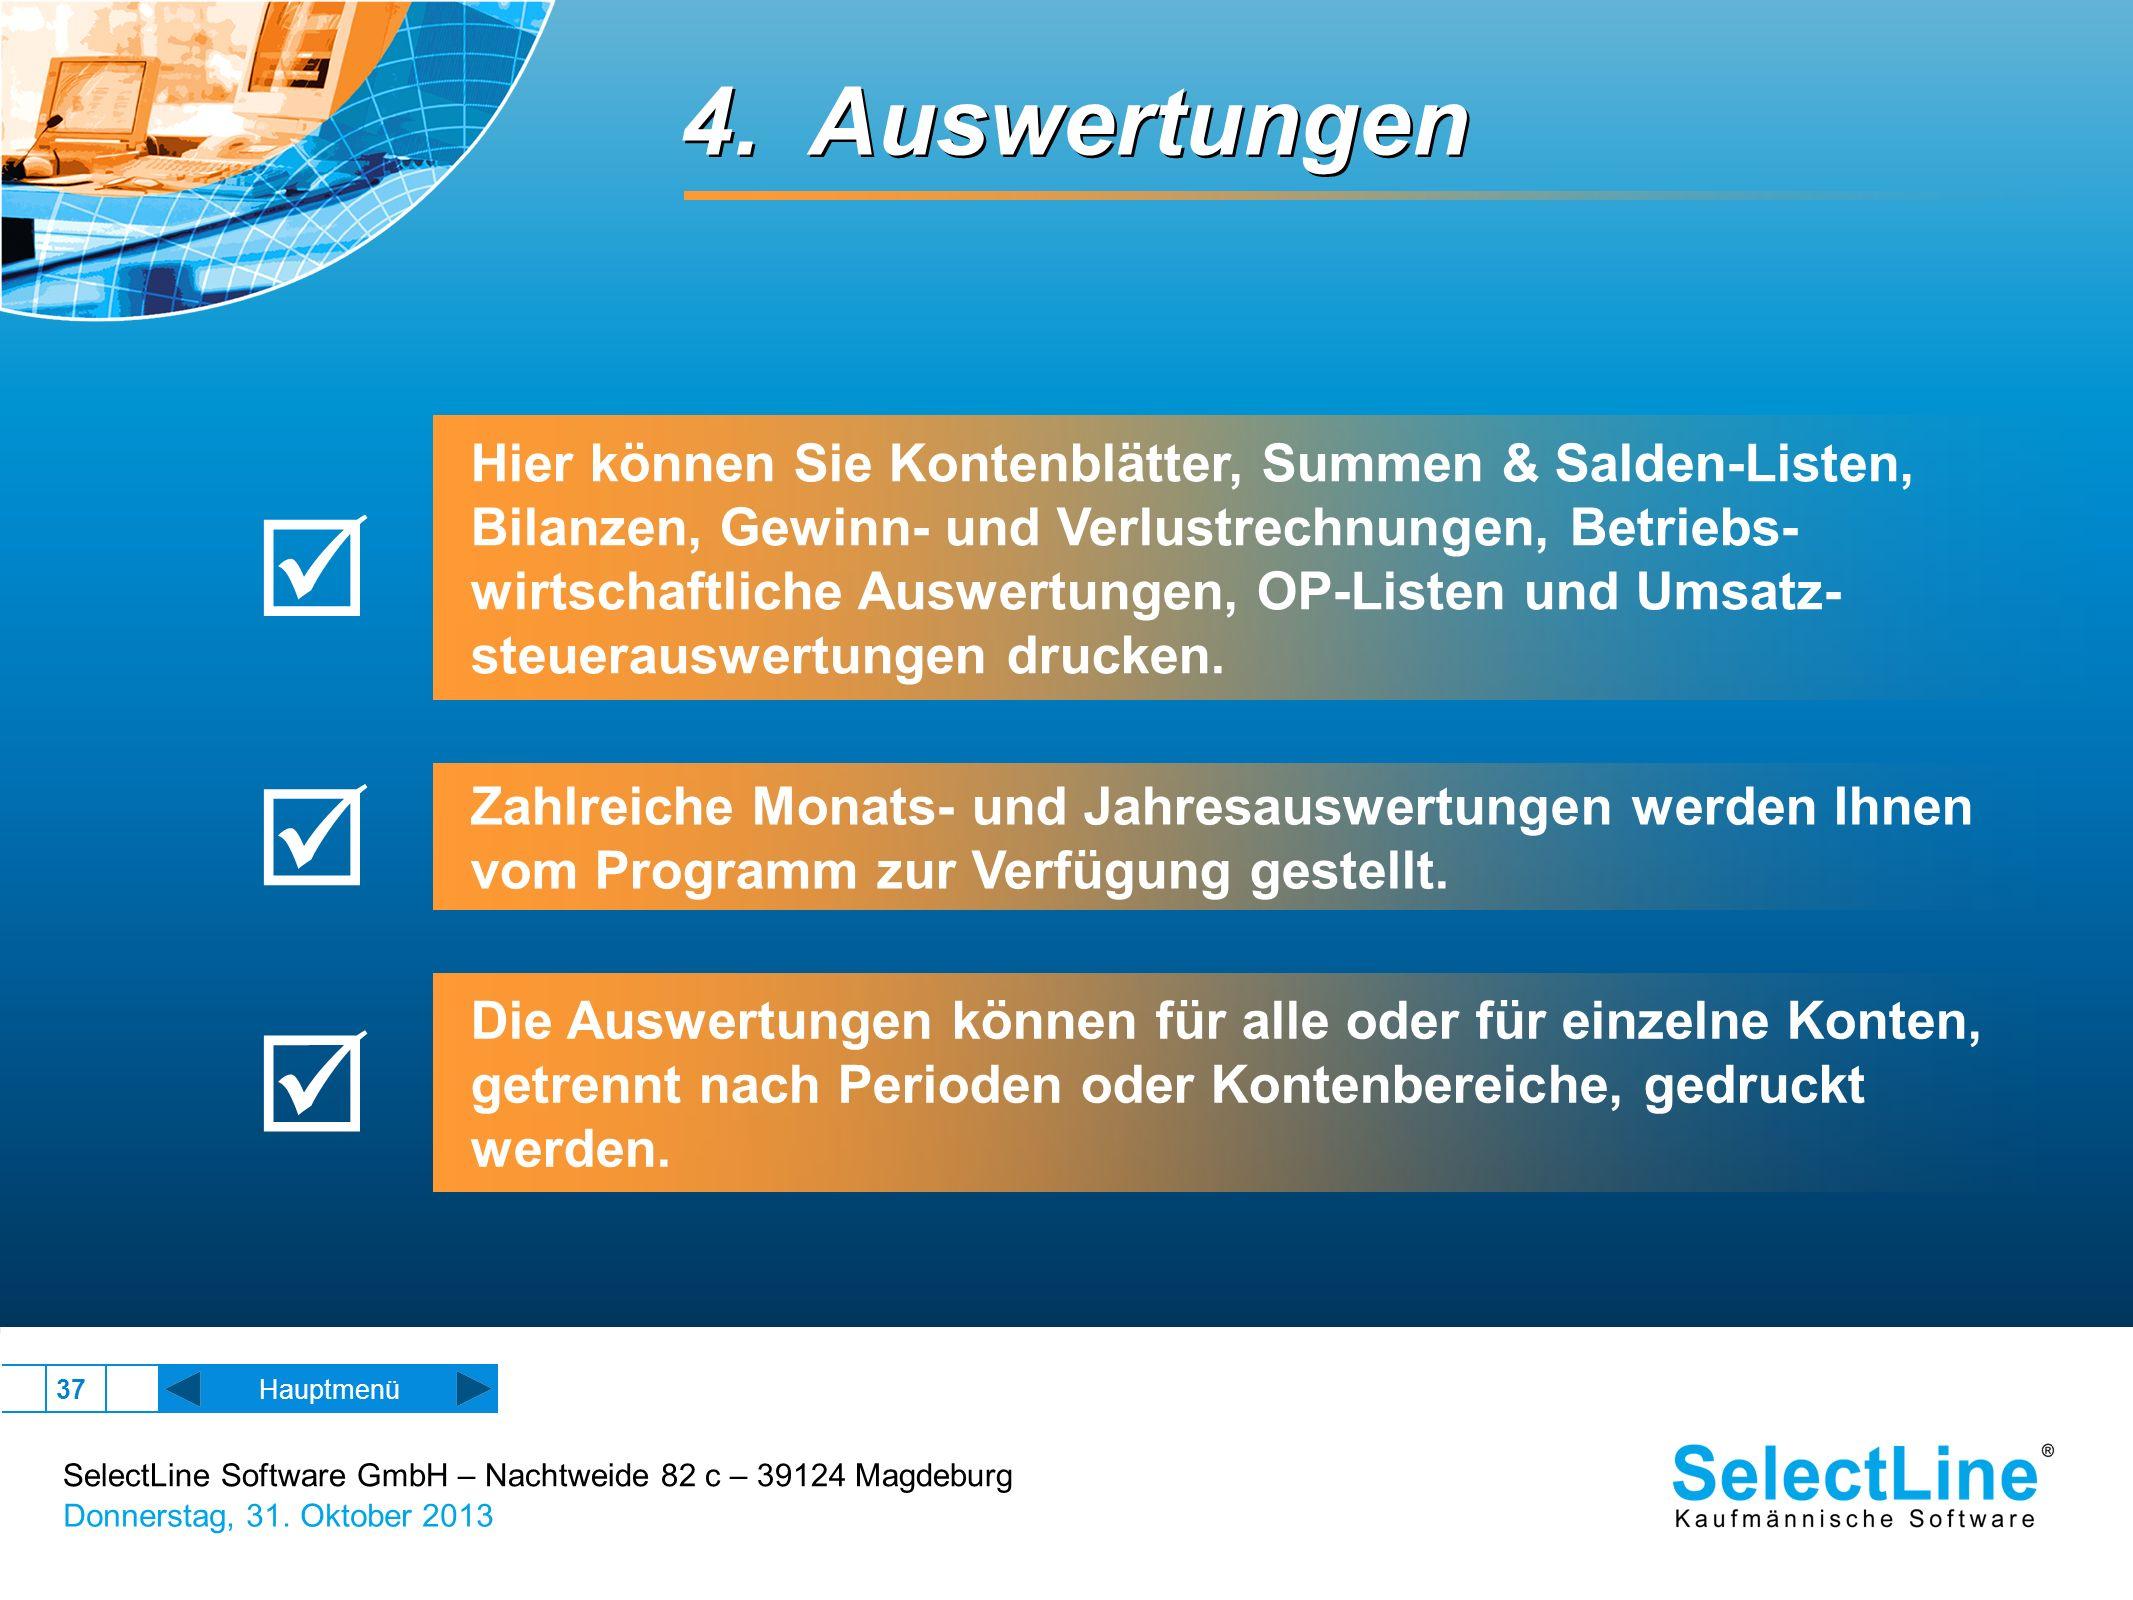 SelectLine Software GmbH – Nachtweide 82 c – 39124 Magdeburg Donnerstag, 31. Oktober 2013 37 Hauptmenü 4. Auswertungen Hier können Sie Kontenblätter,